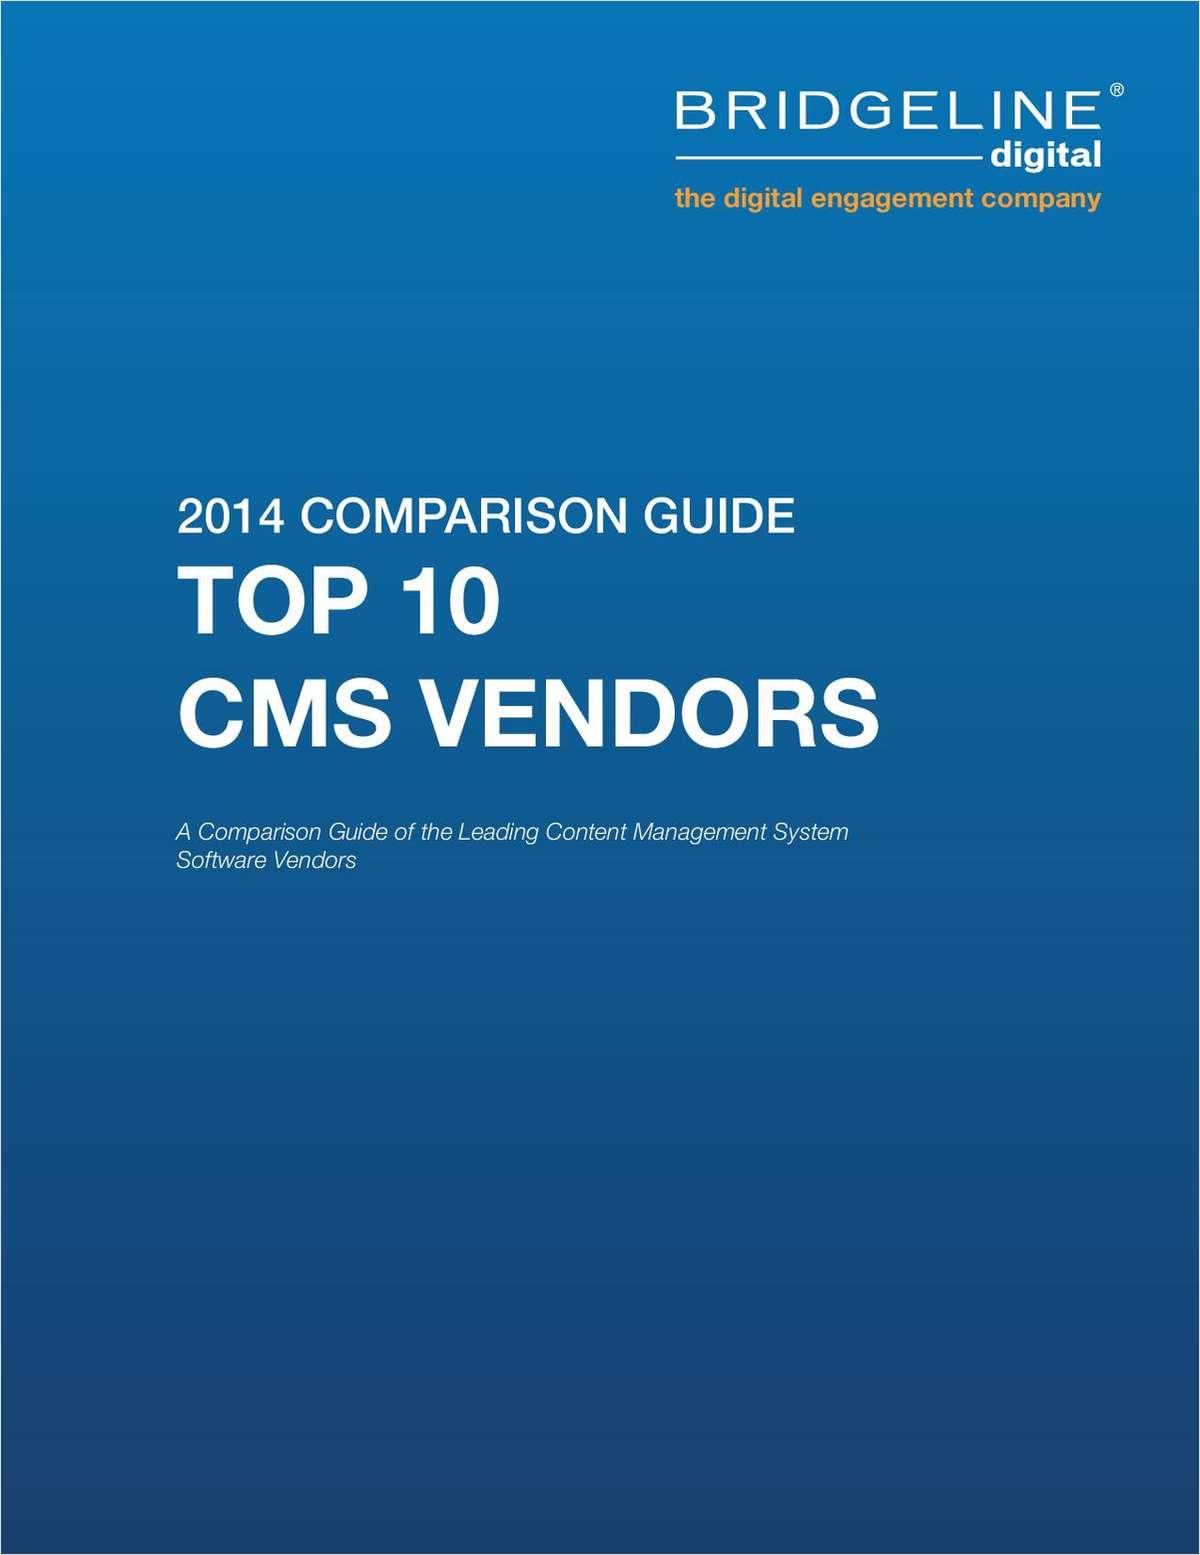 Top 10 Content Management System Comparison Guide